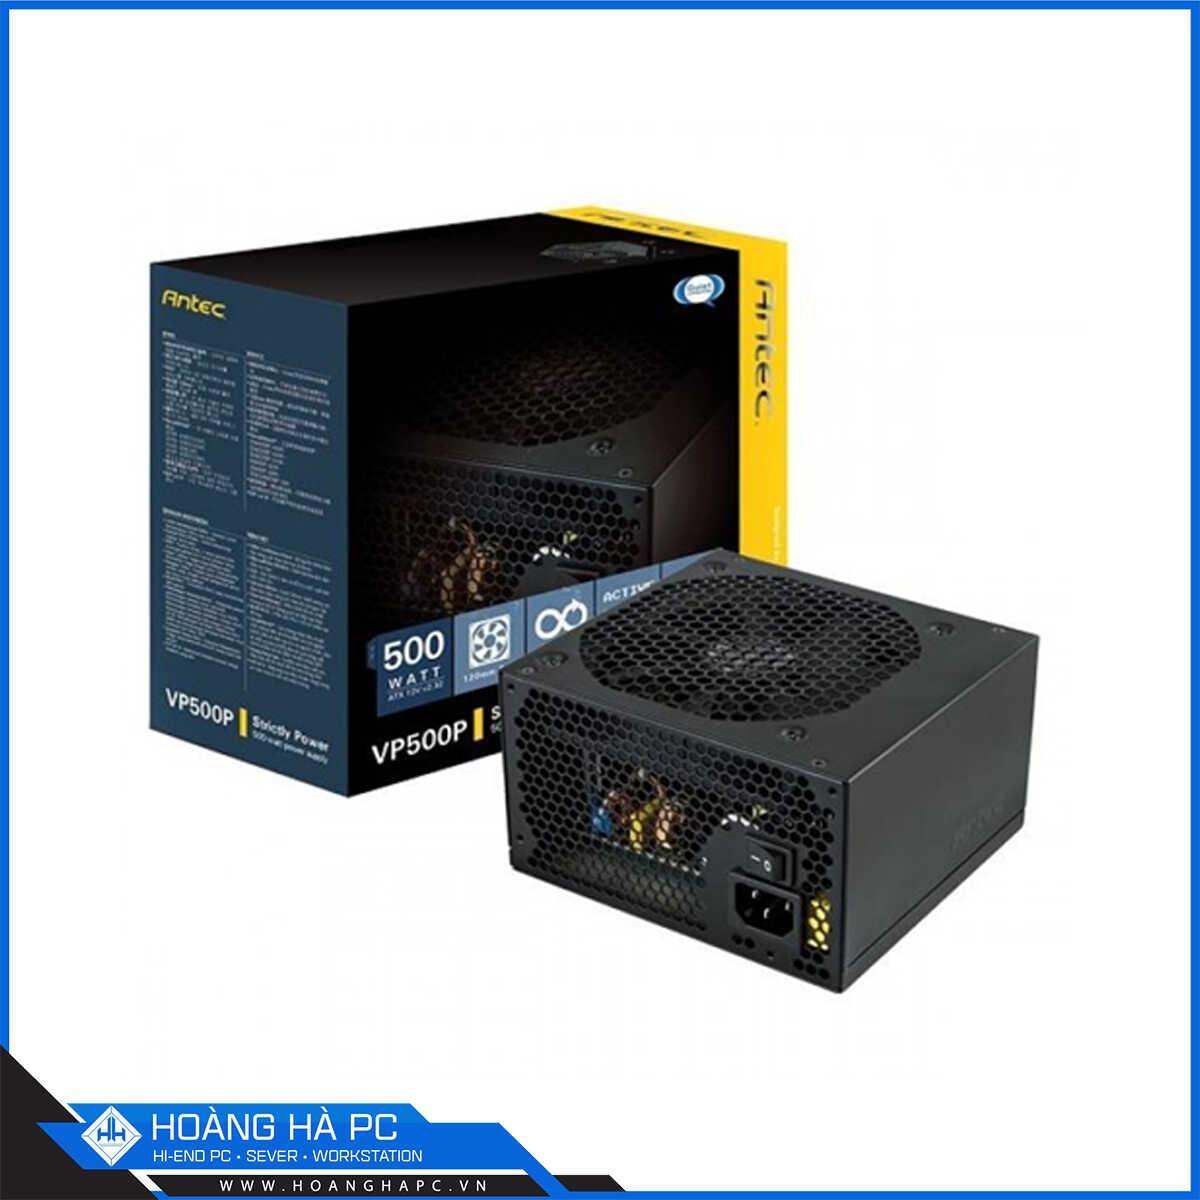 Nguồn Antec VP500PC 500W